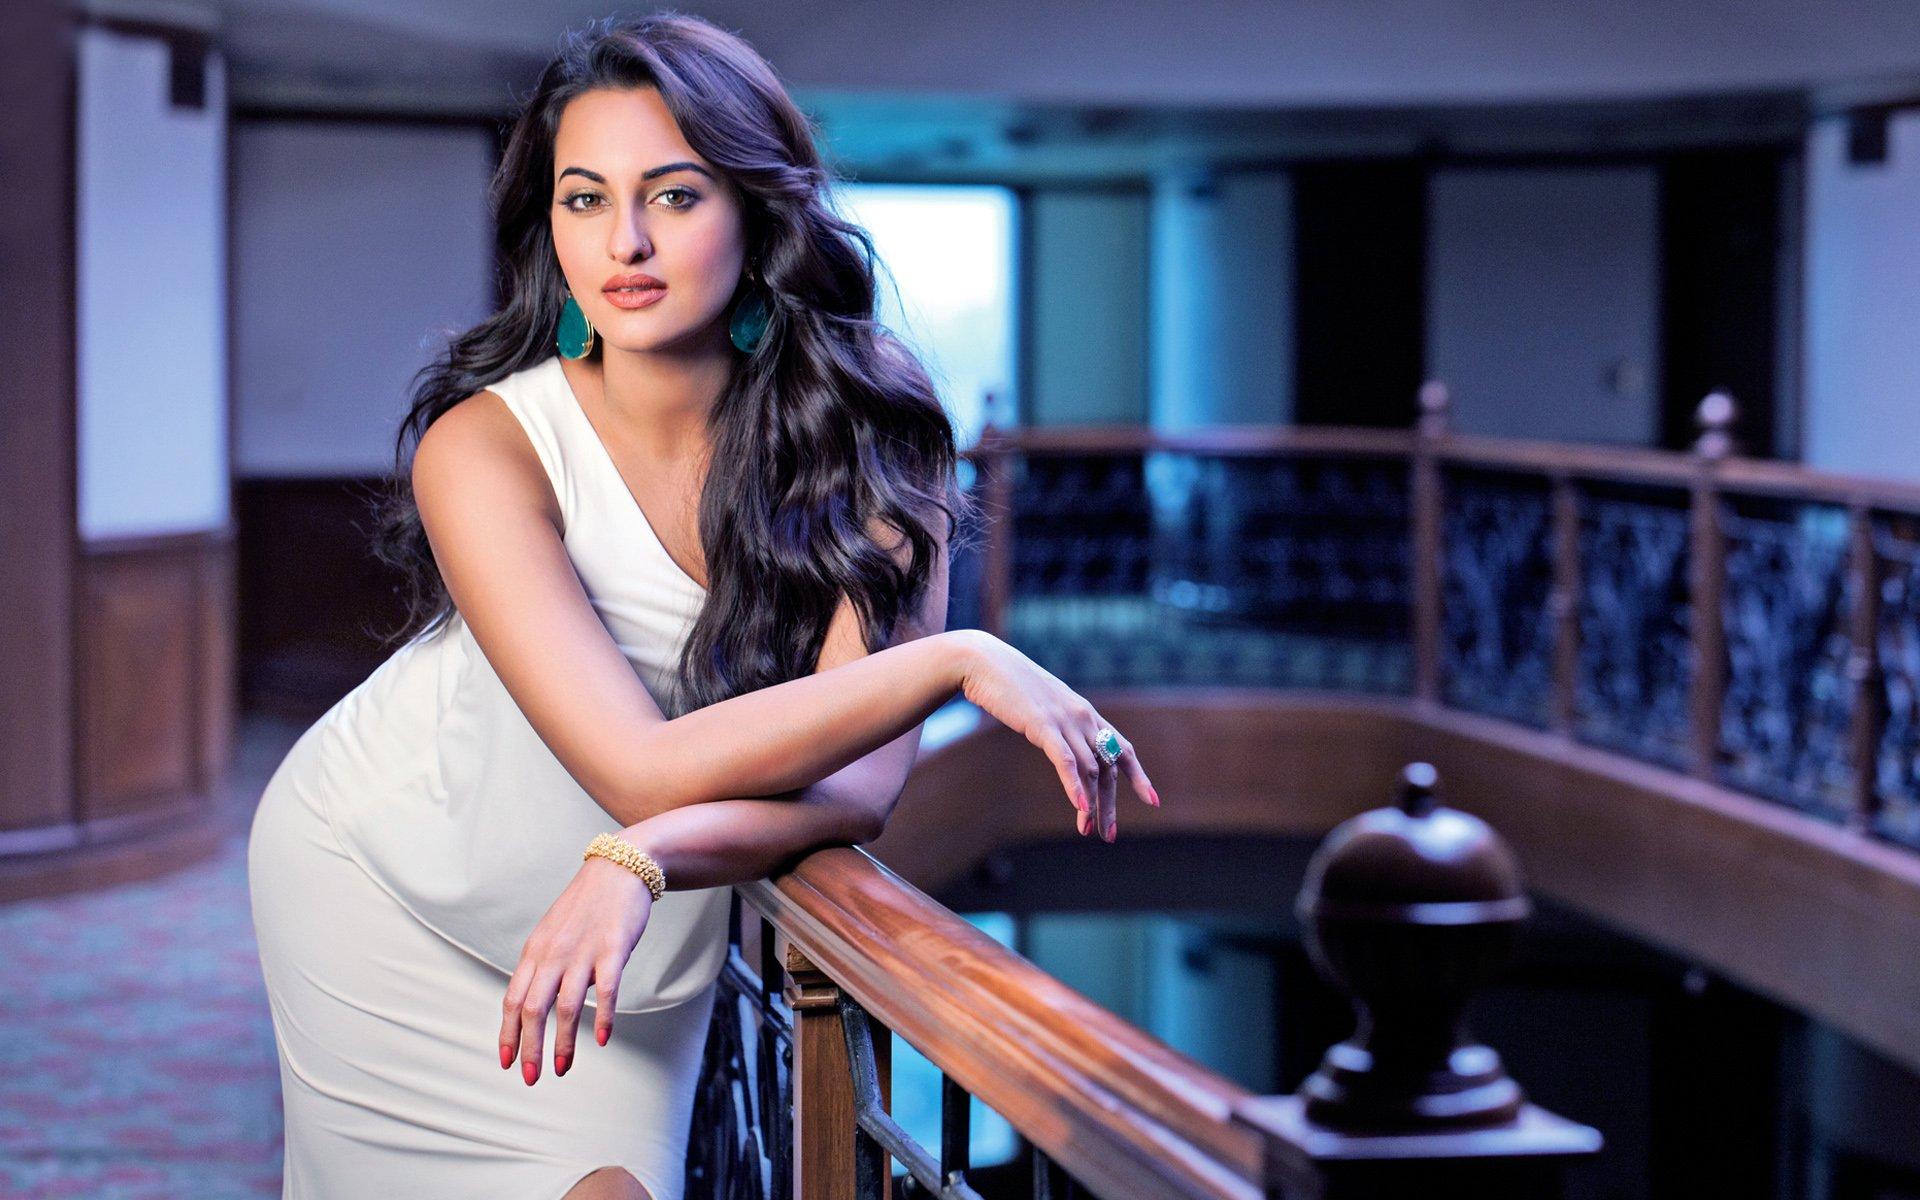 диван великолепно фото индийская молодежных актрисе год